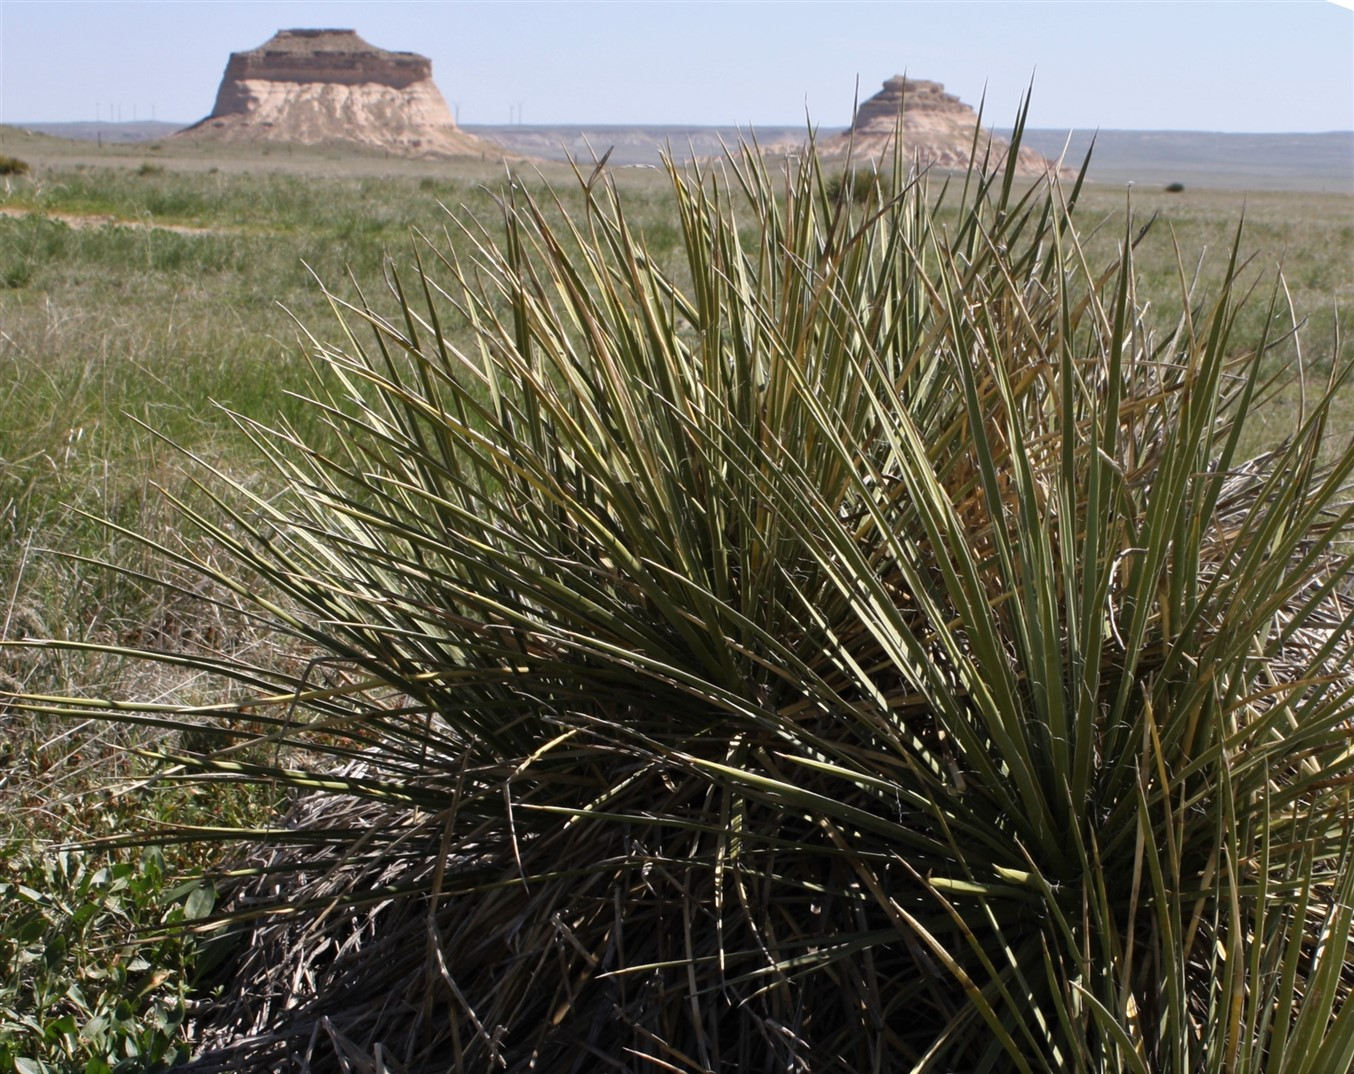 2010 05 23 Colorado 5 Pawnee Bluffs.jpg